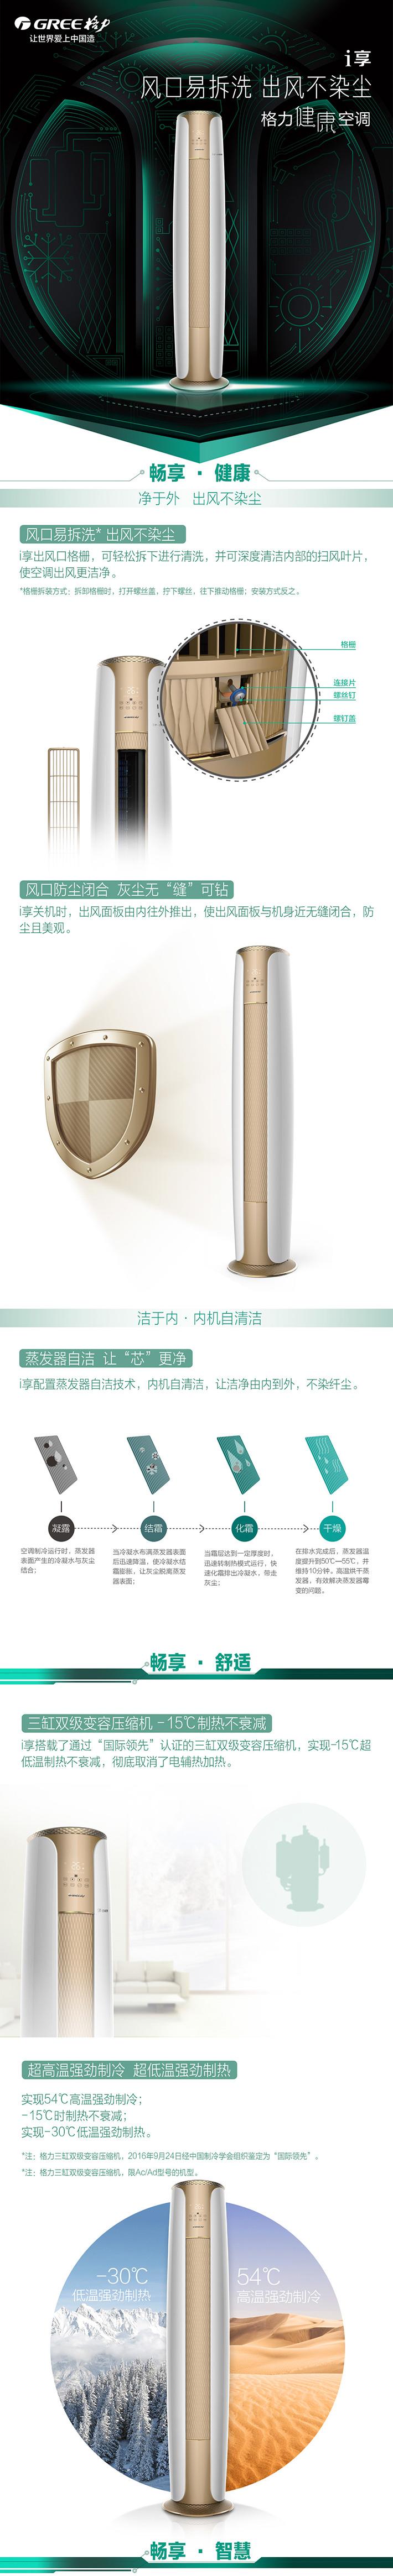 云南柜式空调尺寸规格